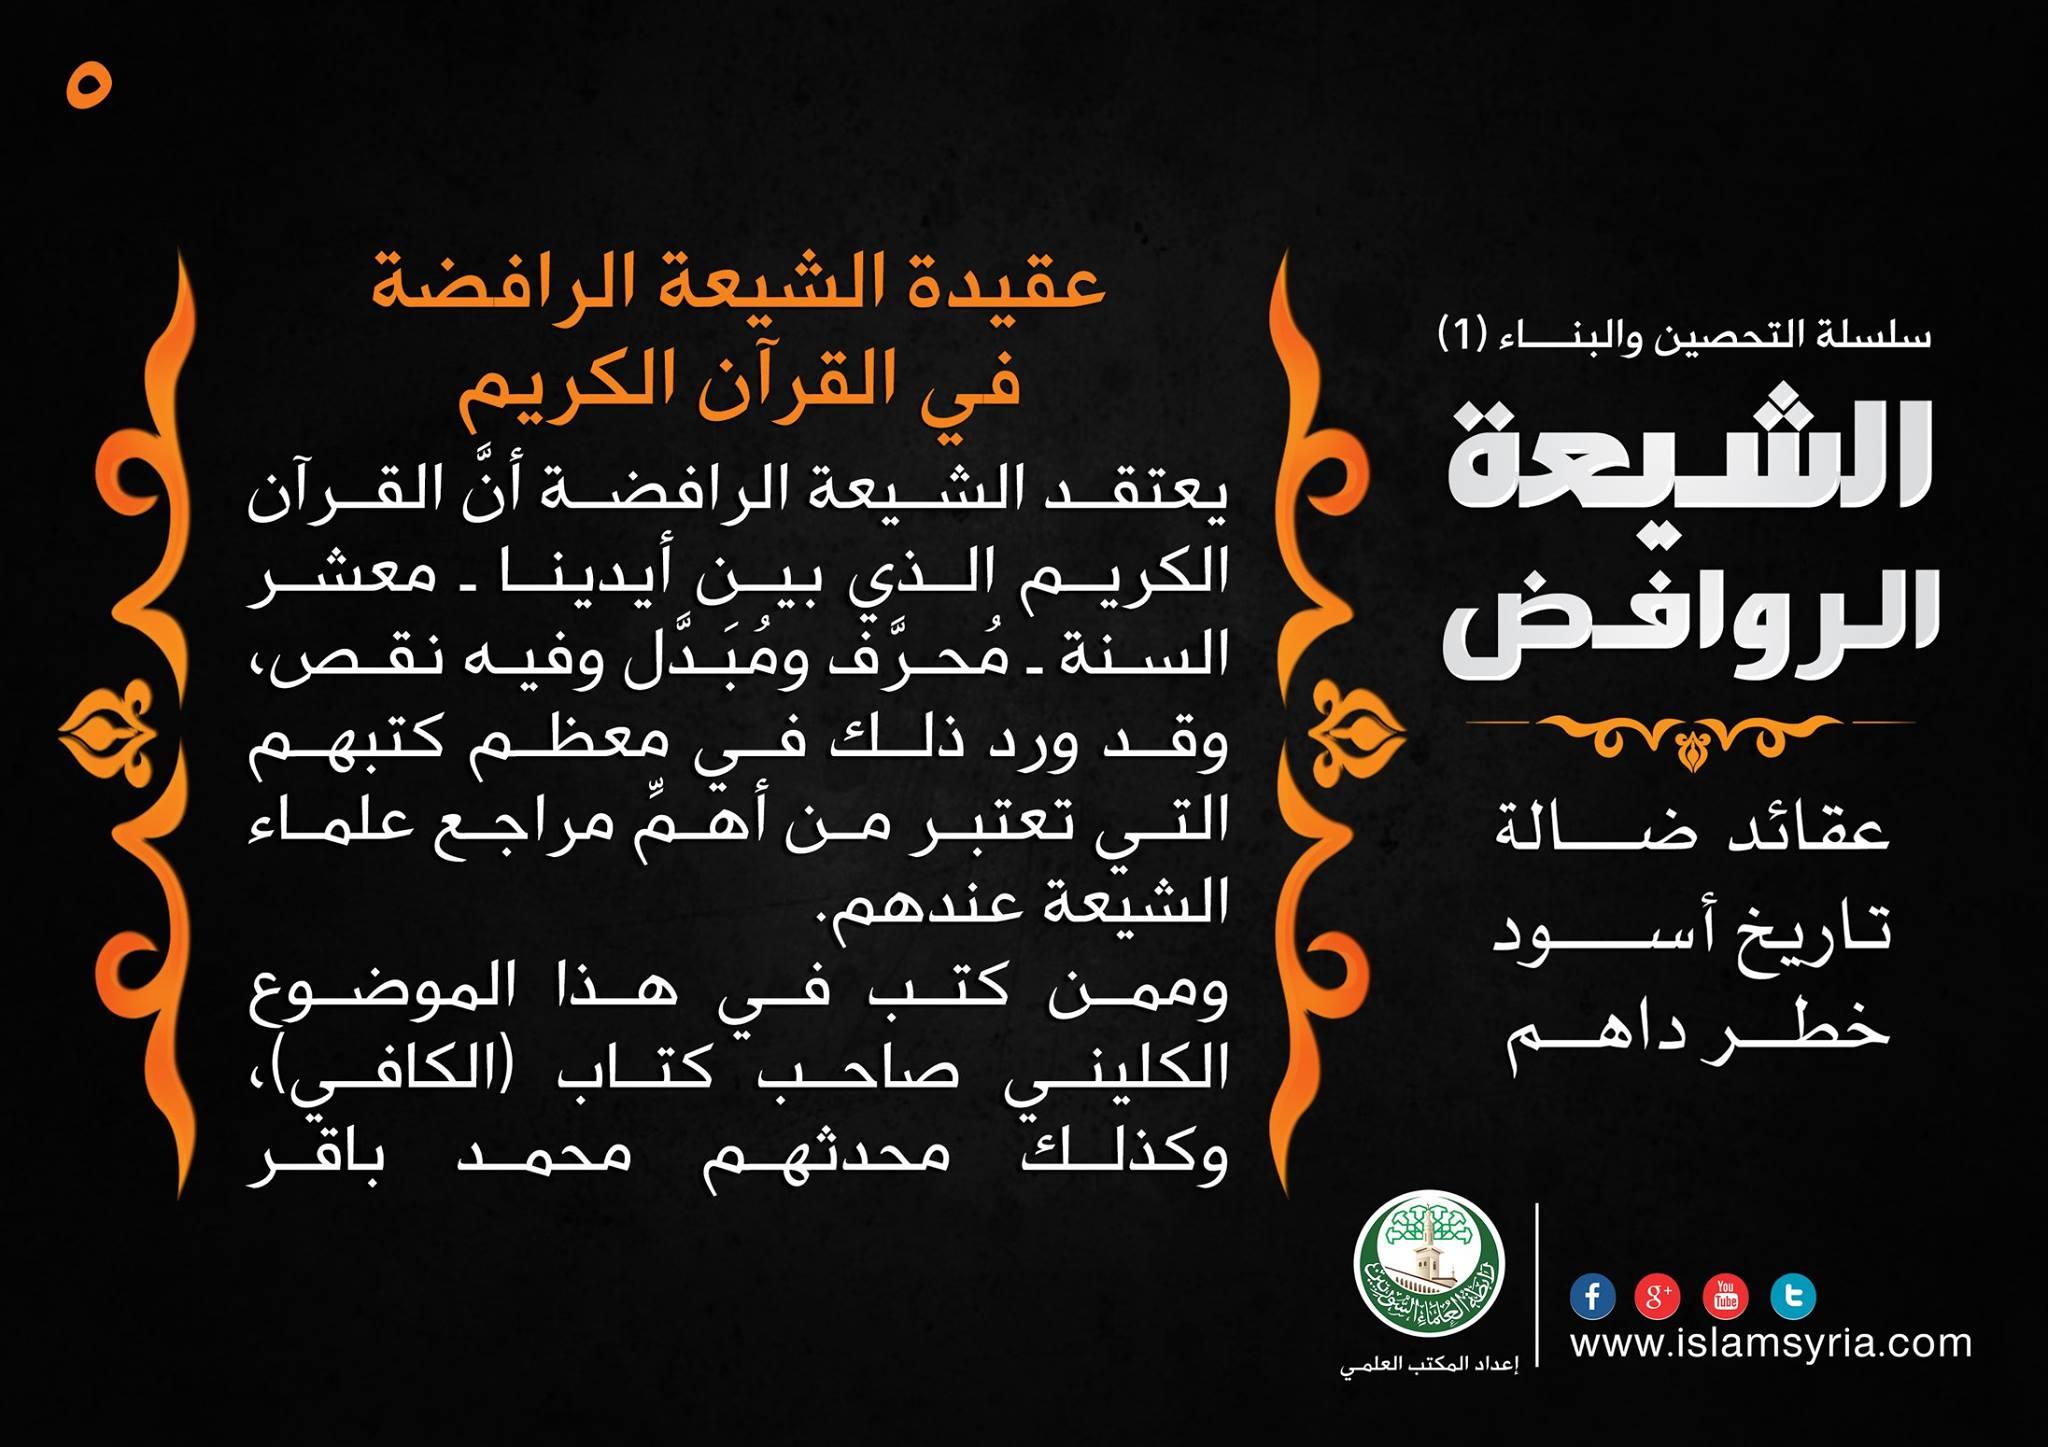 سلسلة التحصين والبناء -5- الشيعة الروافض